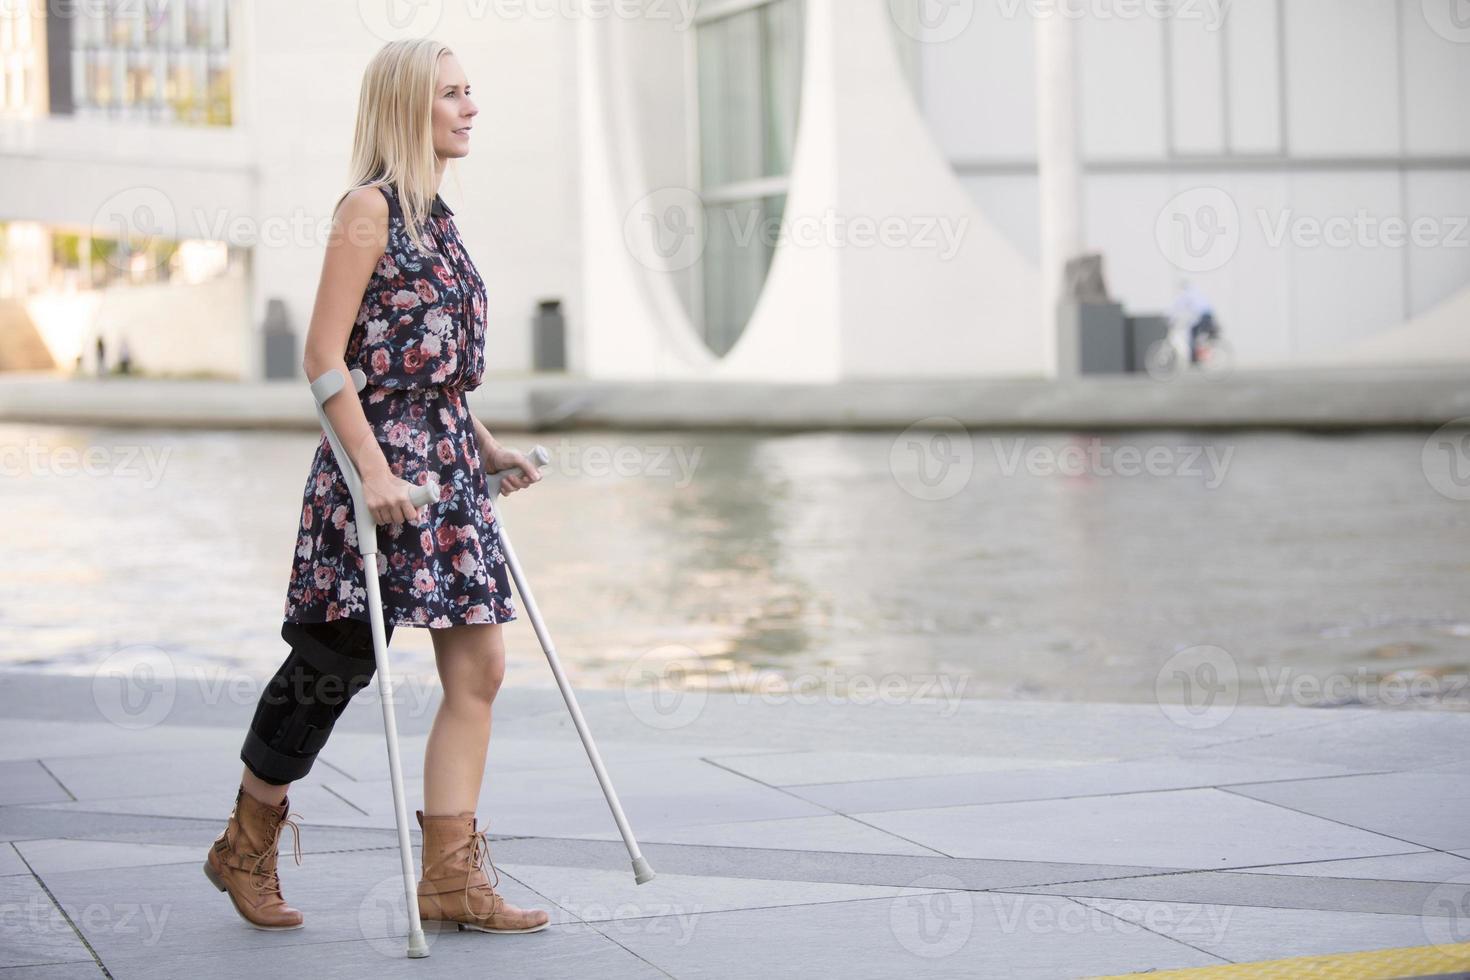 femme blonde avec des béquilles photo